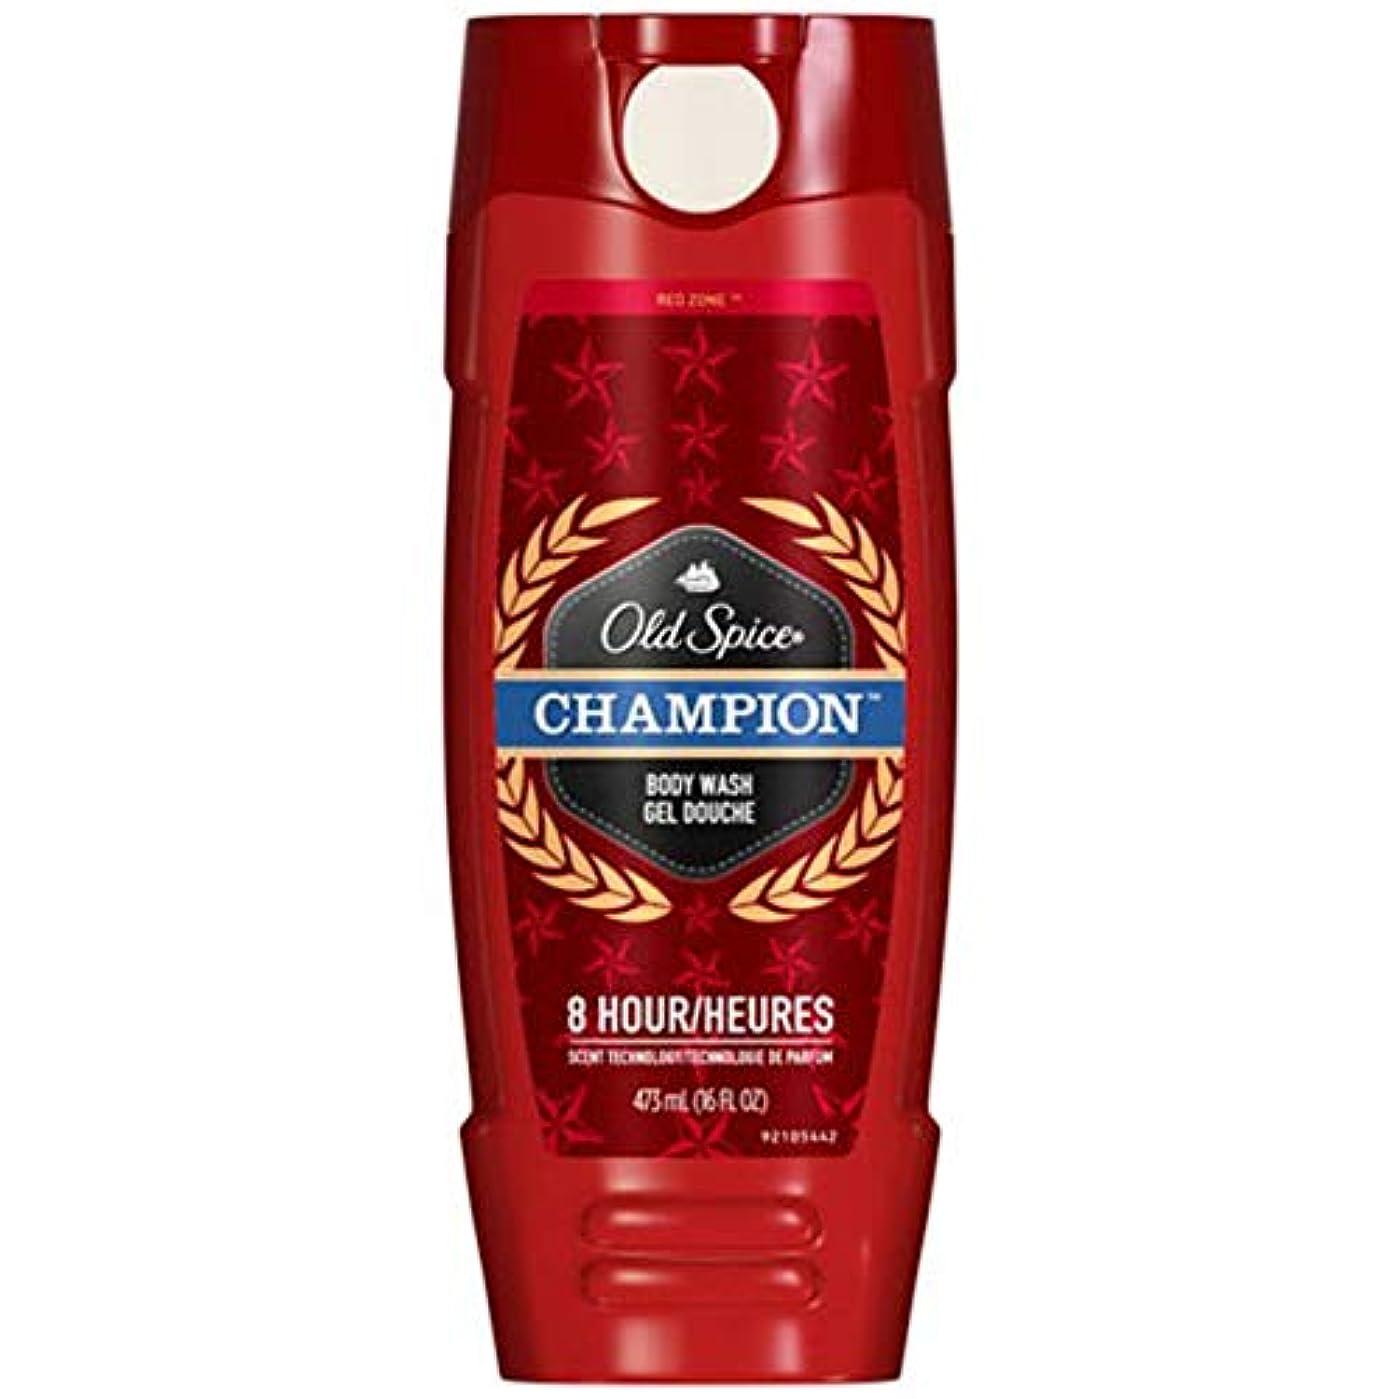 ビバ請負業者カウンタOld Spice オールドスパイス ボディーウォッシュジェル Red Zone Body Wash GEL 473ml 並行輸入品 (CHAMPION/チャンピオン) [並行輸入品]